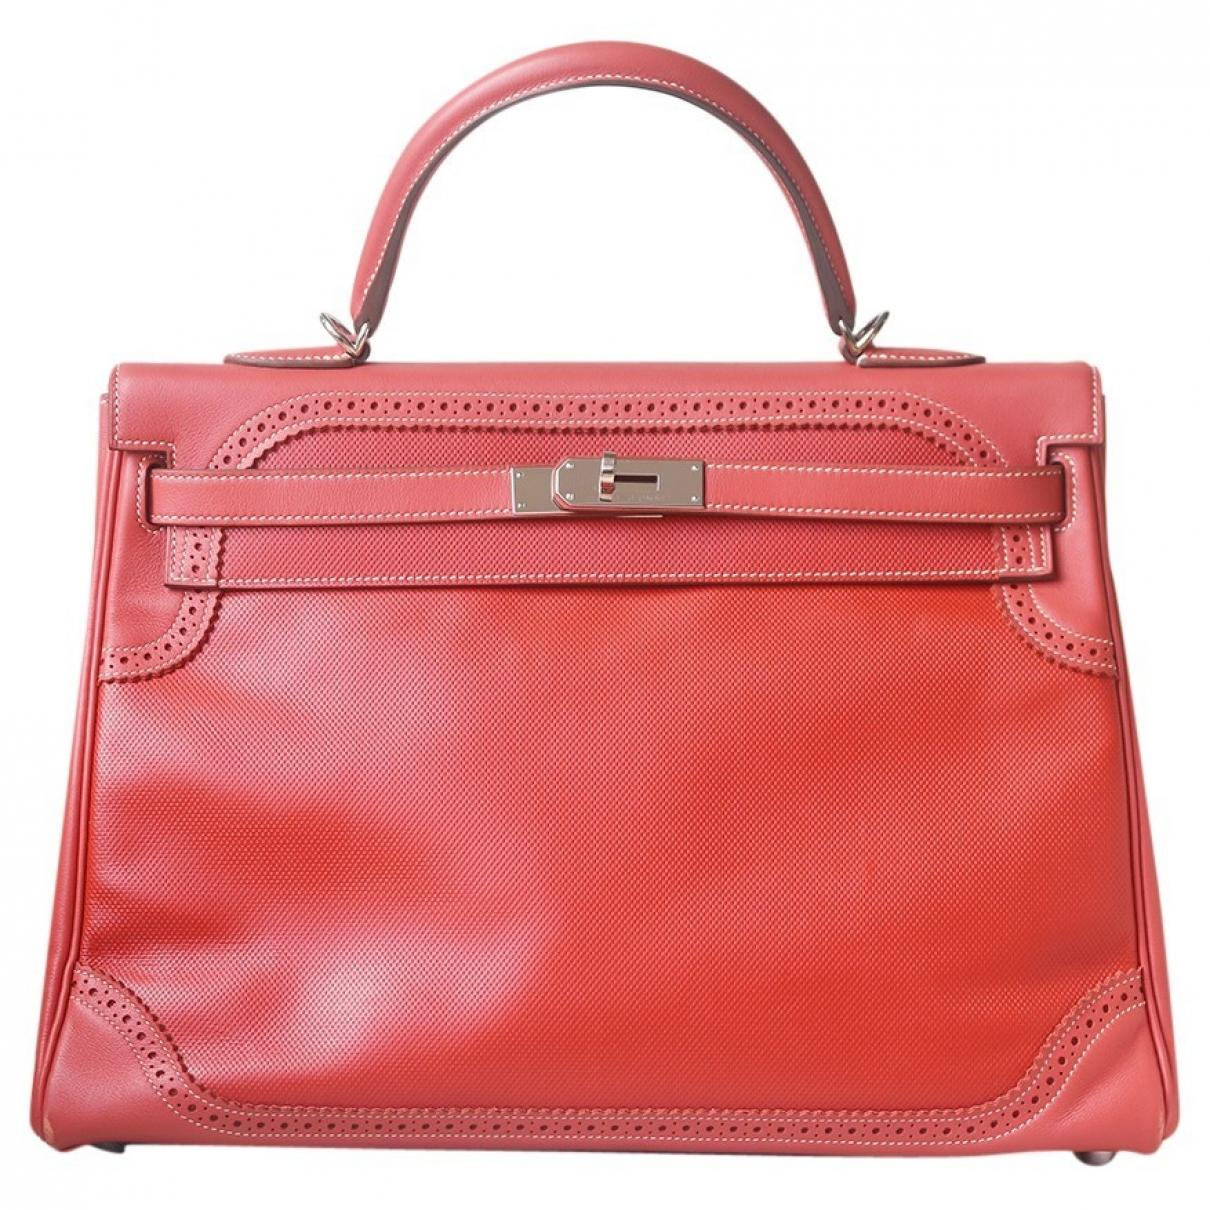 Hermes Kelly 35 Handtasche in  Orange Leder